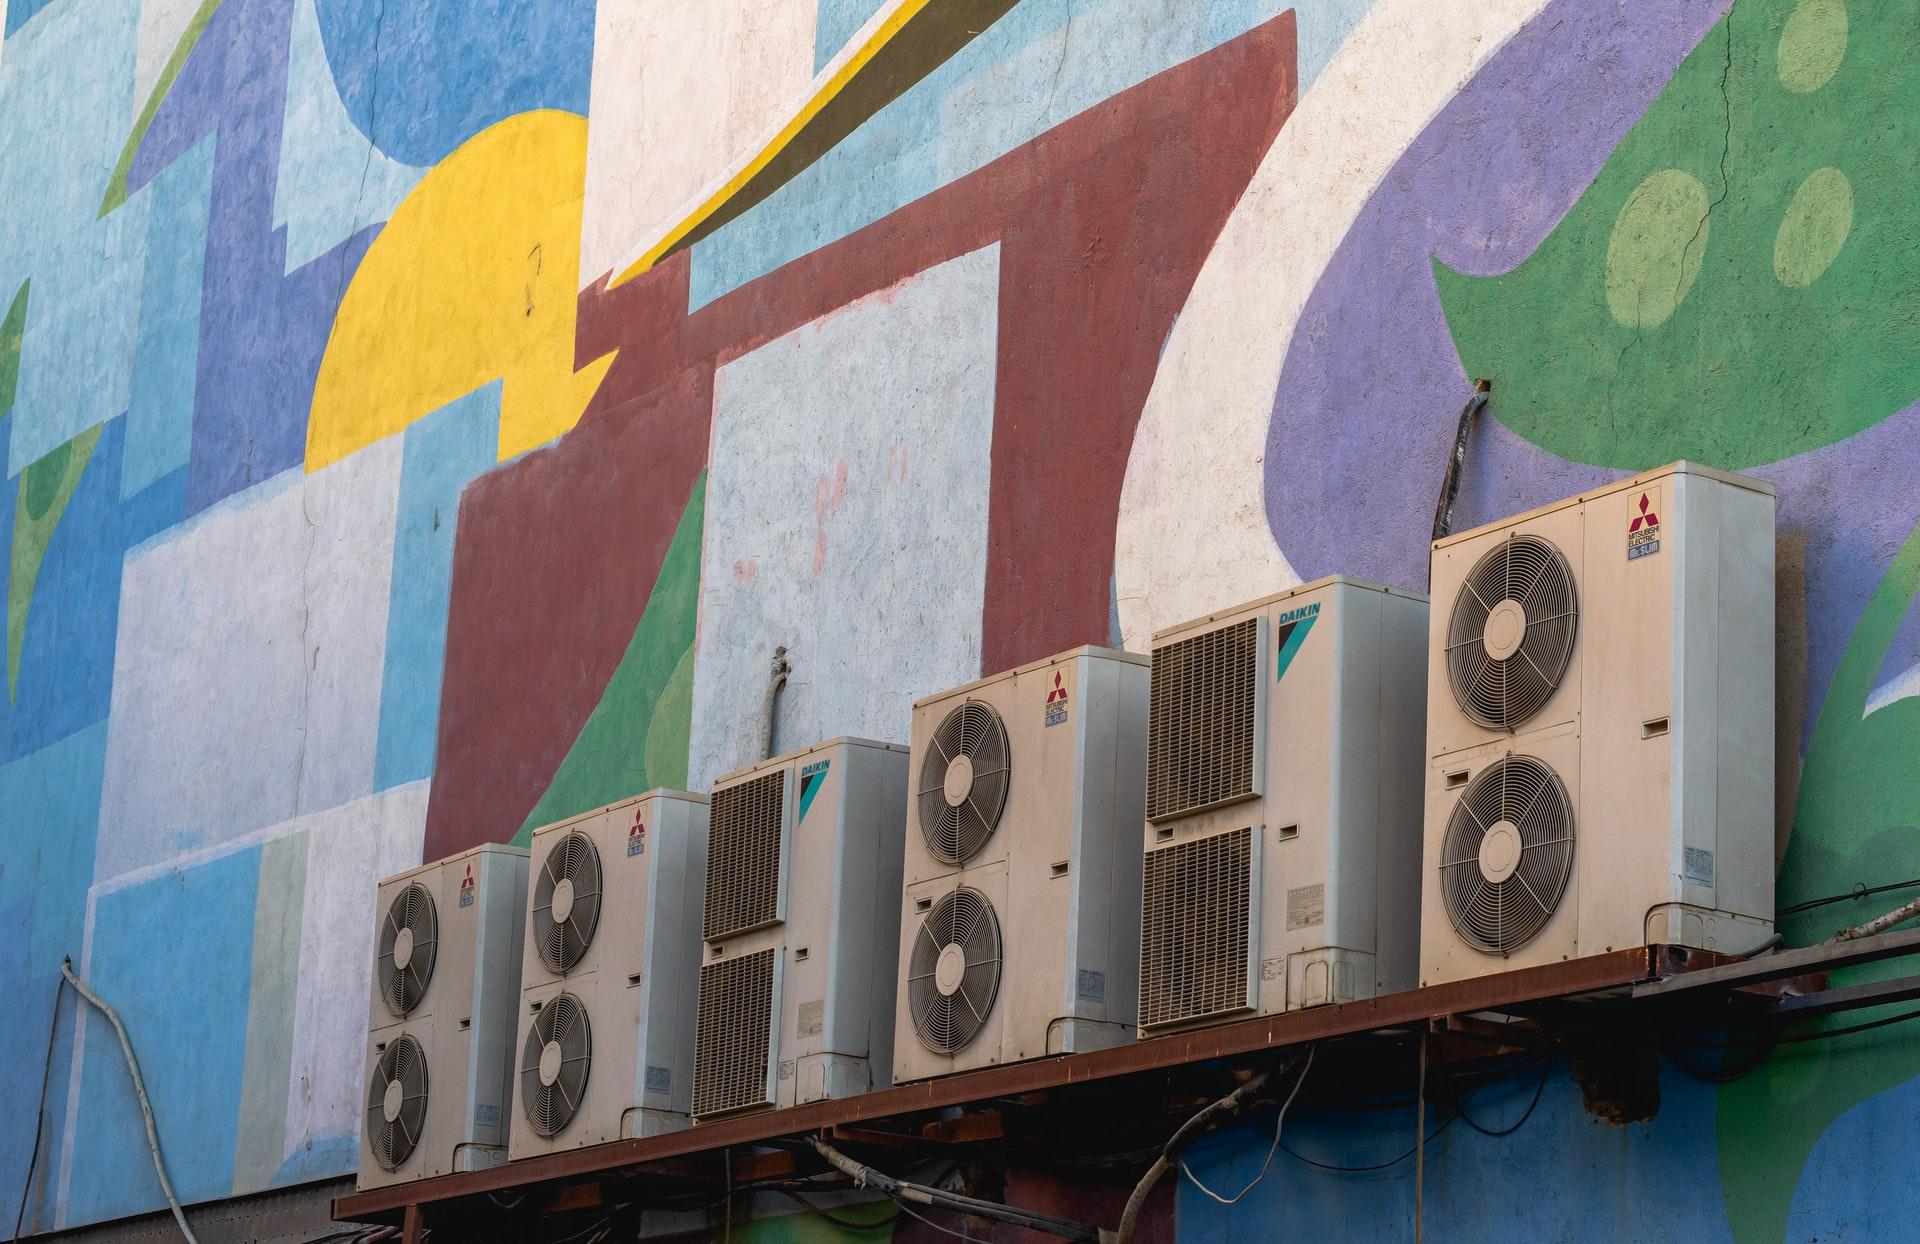 klimatyzator - jednostki zewnętrzne na budynku